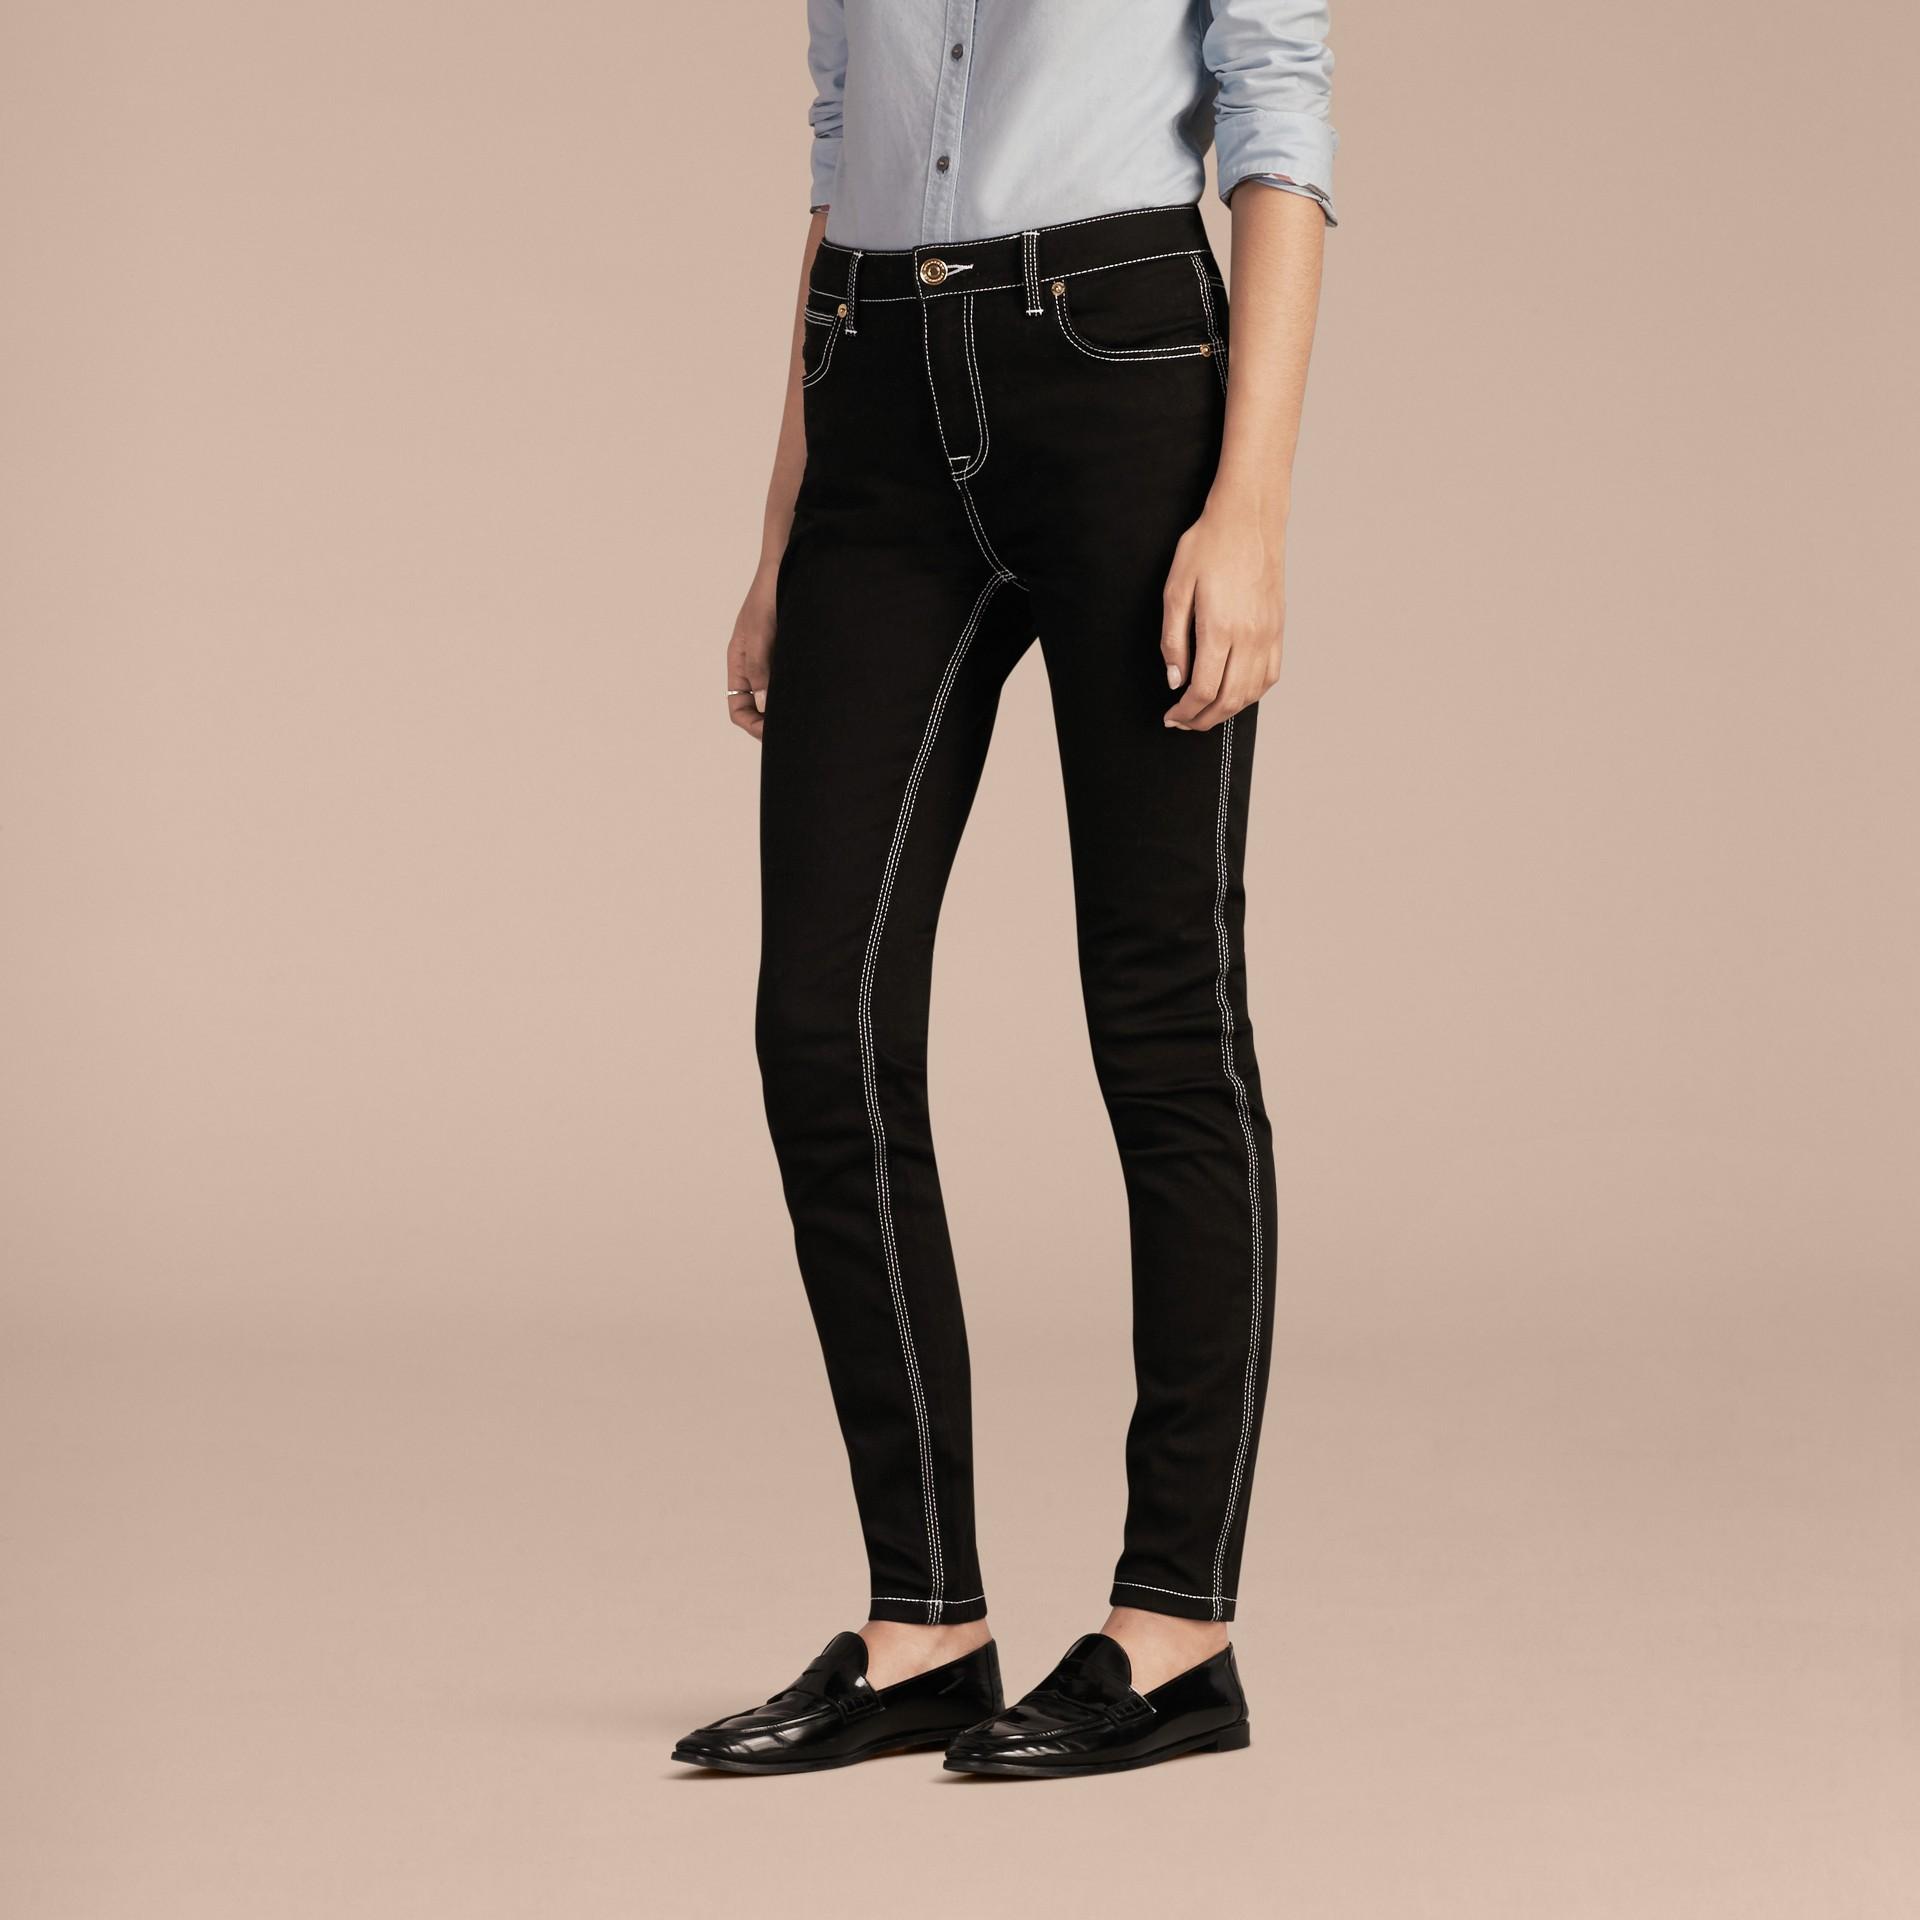 Schwarz Skinny-Jeans aus Stretchdenim mit kontrastierenden Steppnähten - Galerie-Bild 6